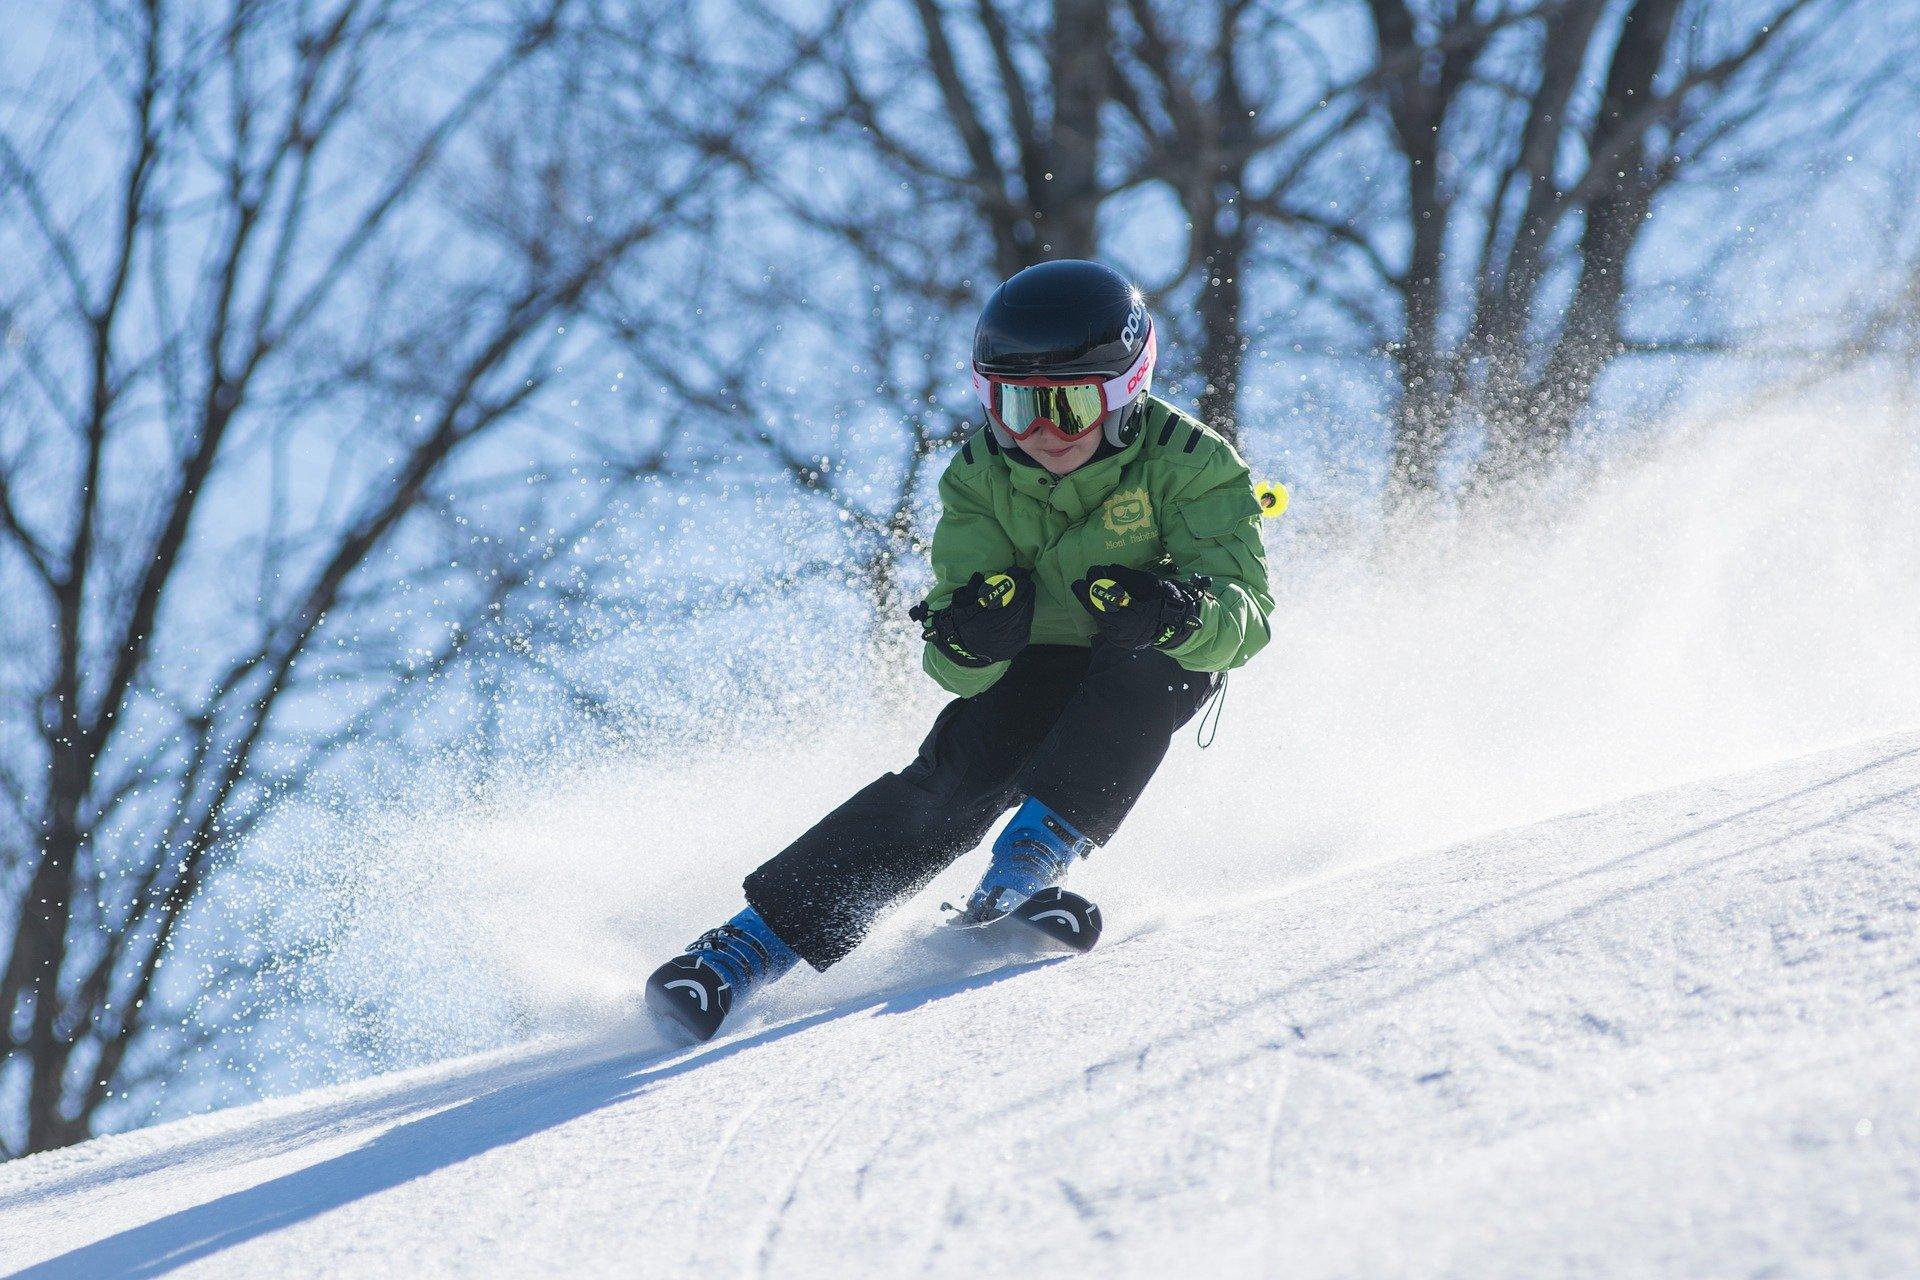 【まとめ】冬の山形を満喫! おすすめスキー場情報 12選 手ぶらでスキーを楽しもう!!